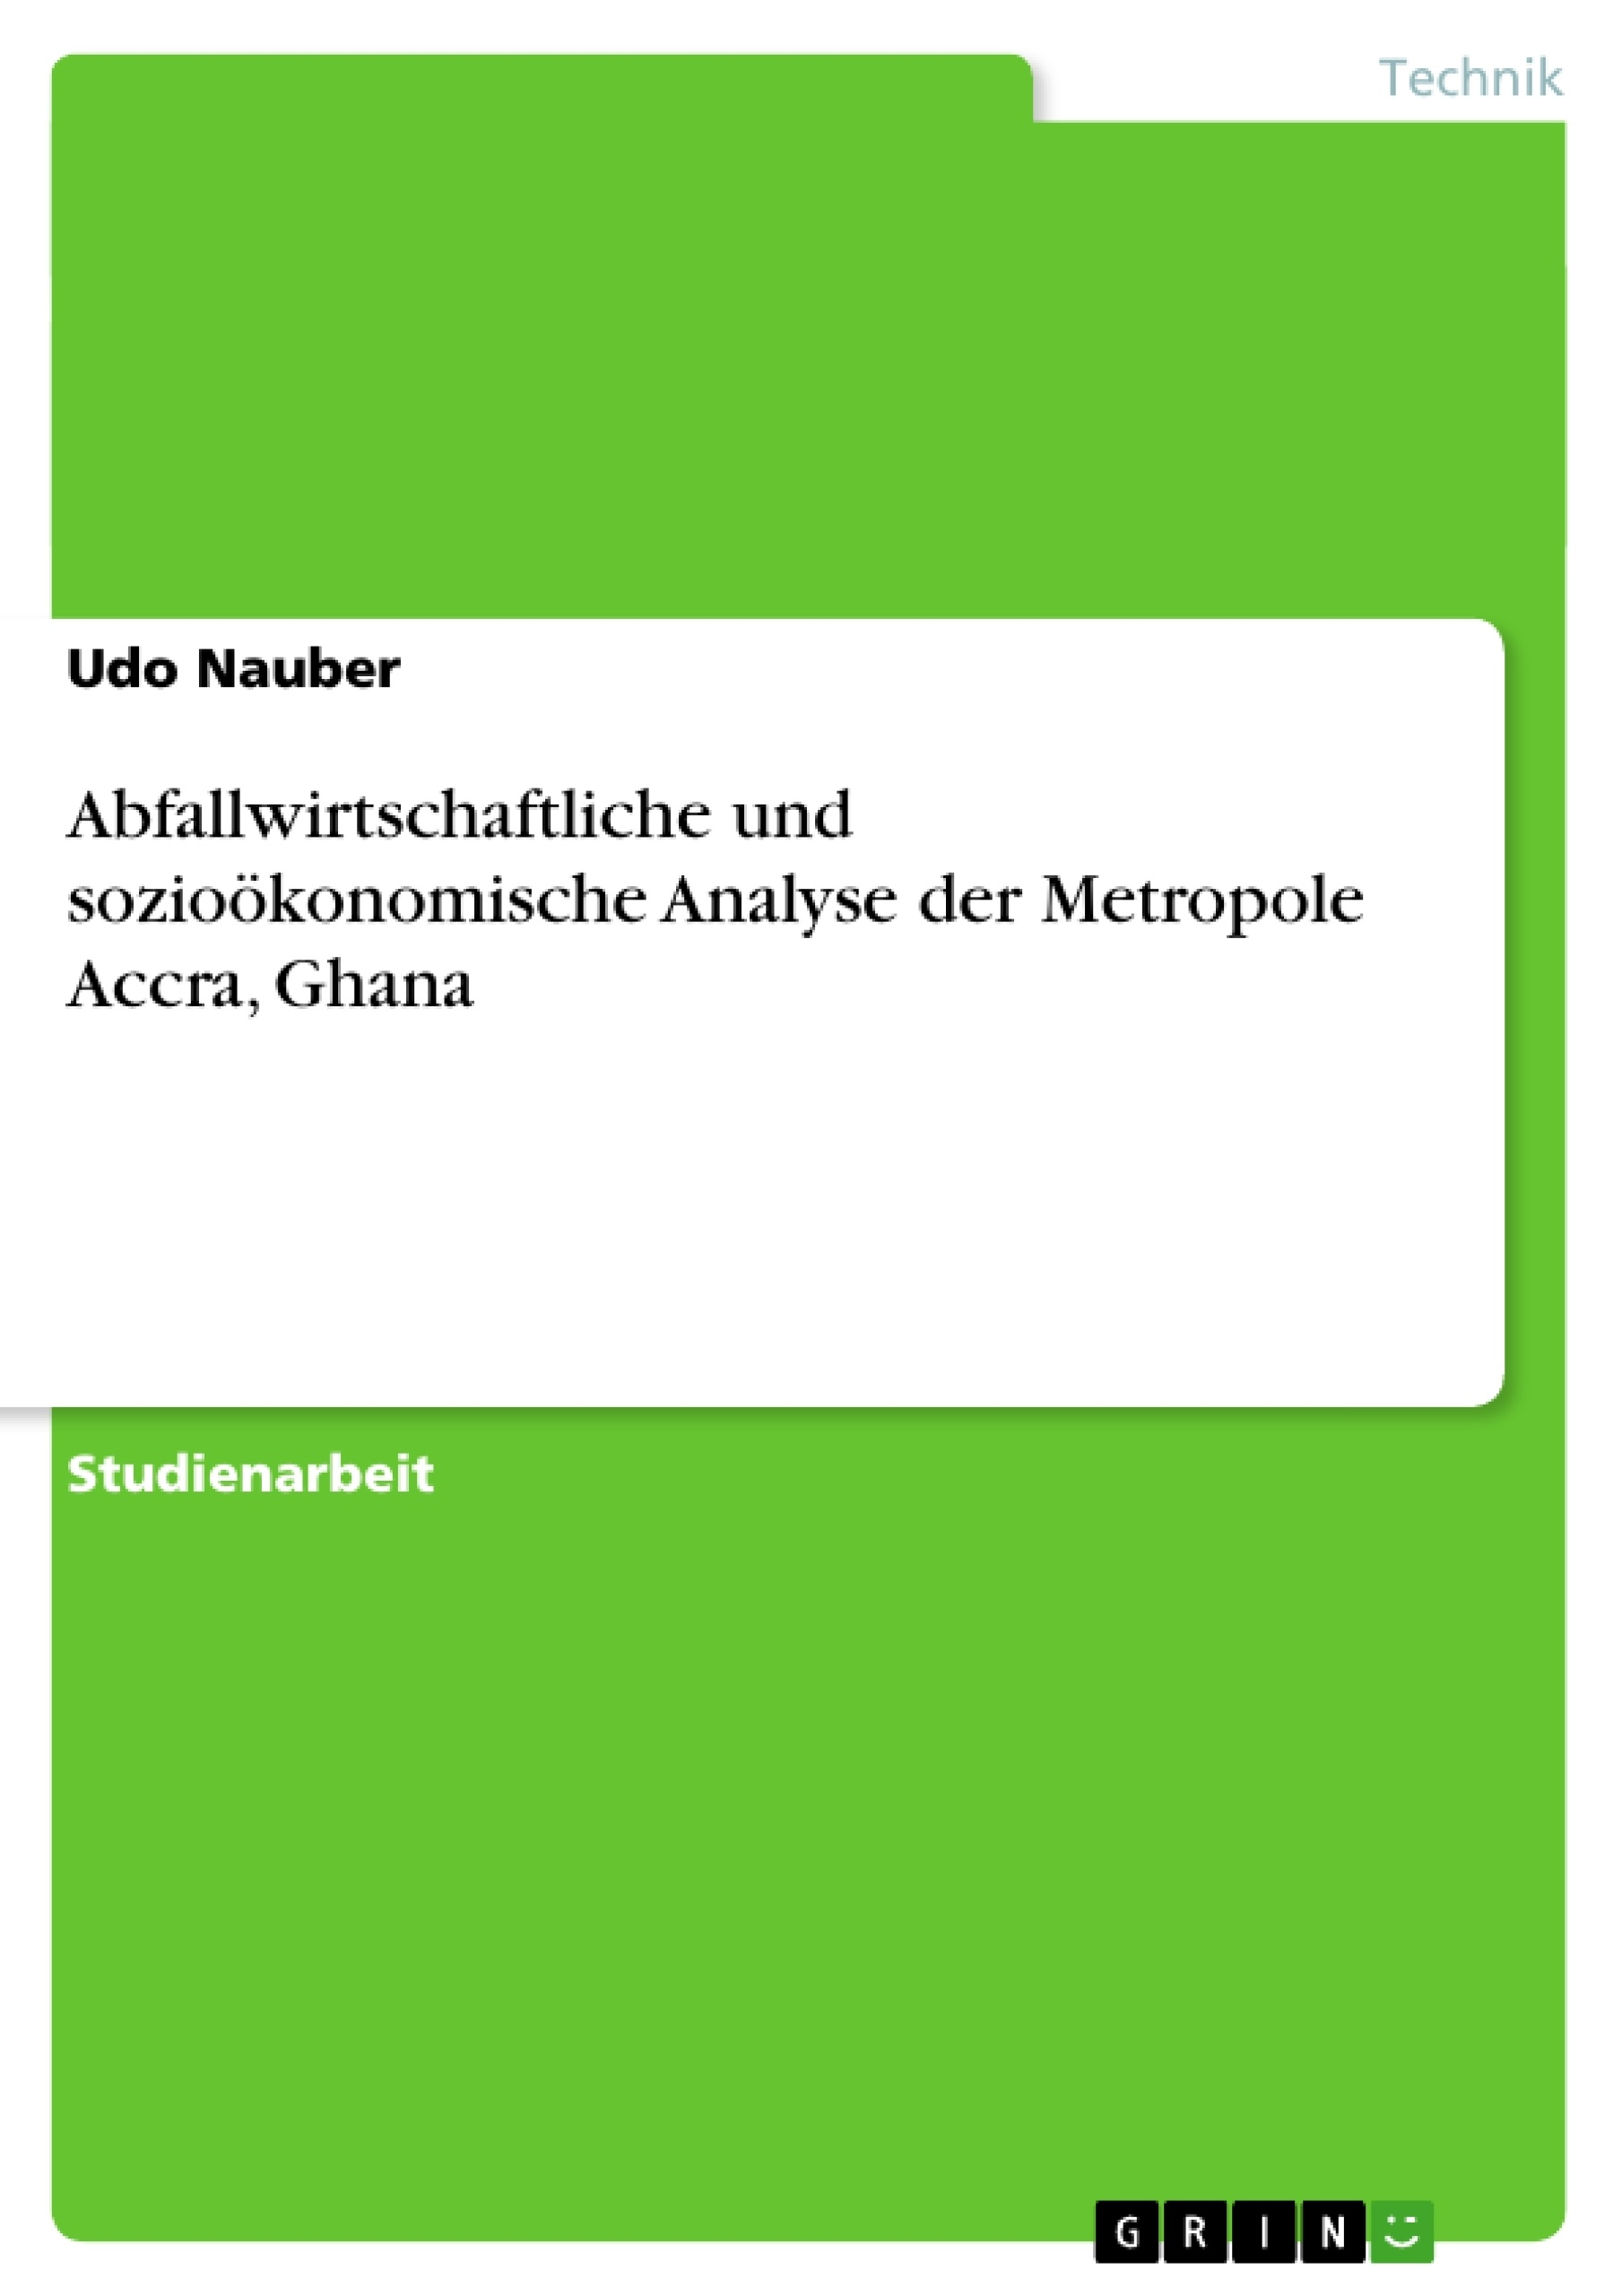 Titel: Abfallwirtschaftliche und sozioökonomische Analyse der Metropole Accra, Ghana